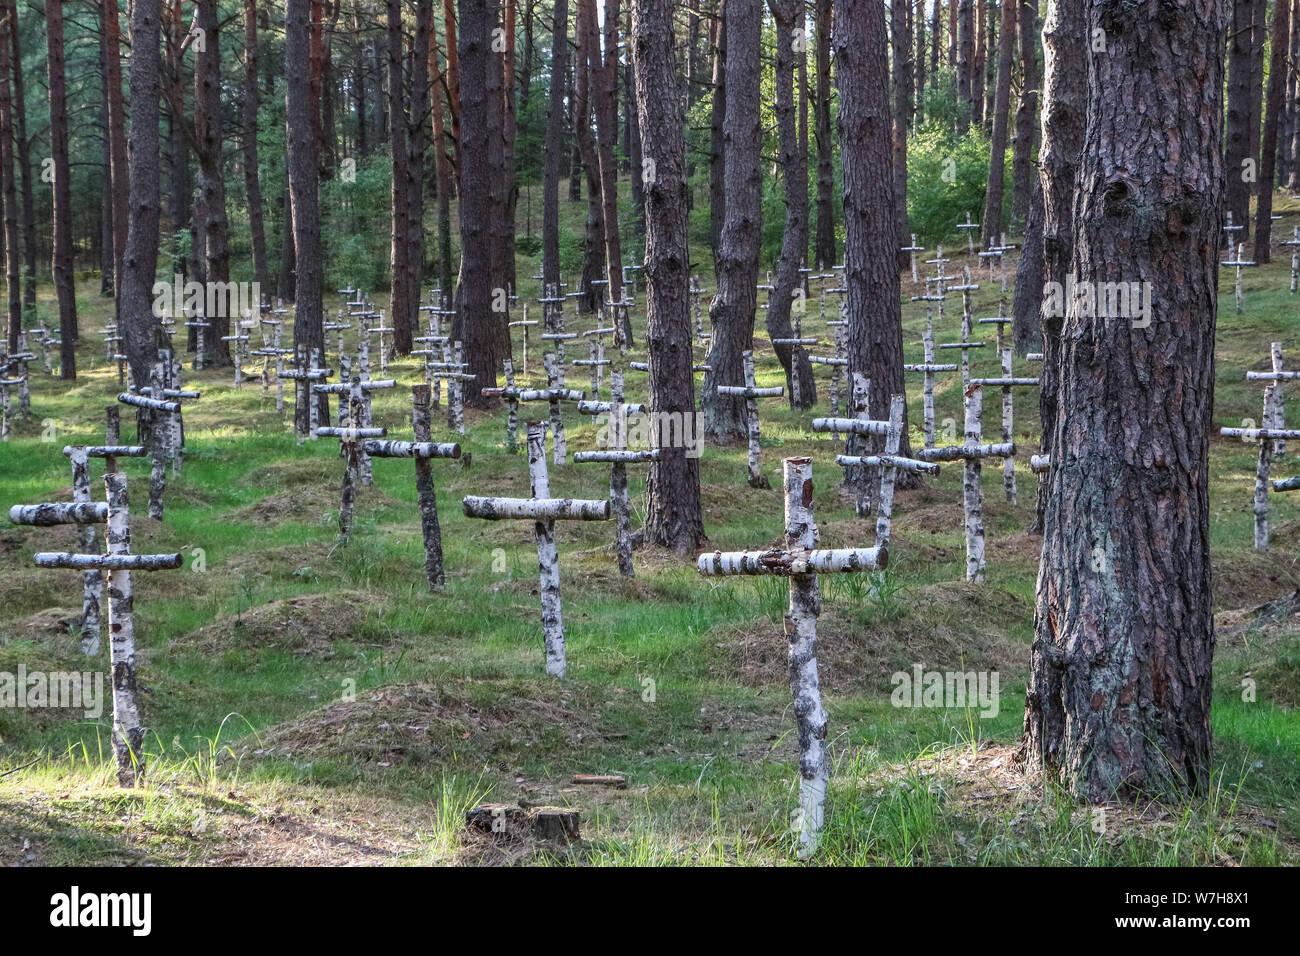 Cemetery Nuclear Stock Photos & Cemetery Nuclear Stock